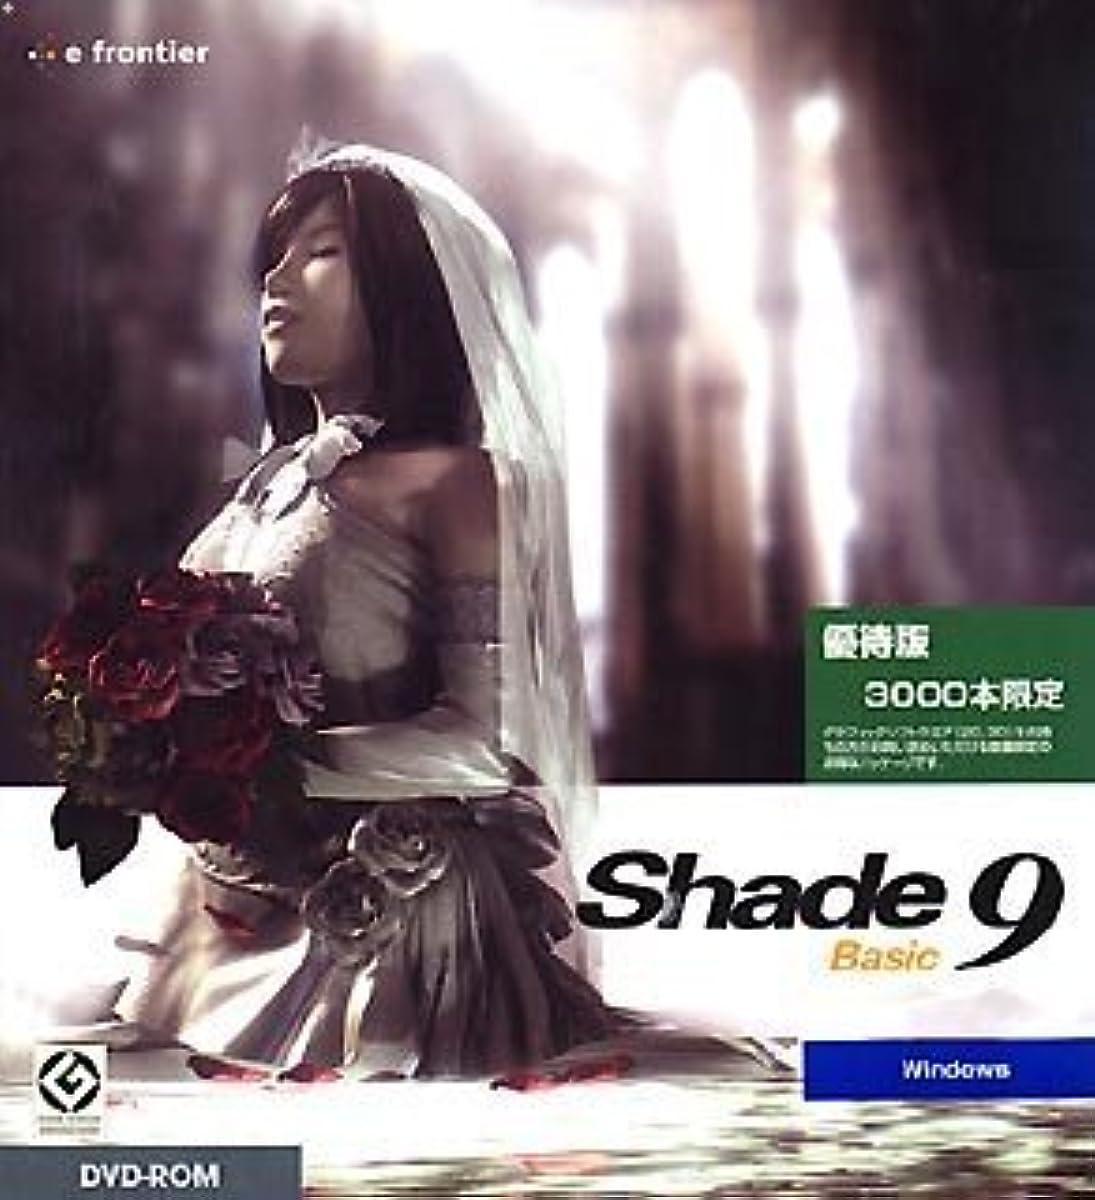 喪引き潮出費Shade 9 Basic for Windows 優待パッケージ